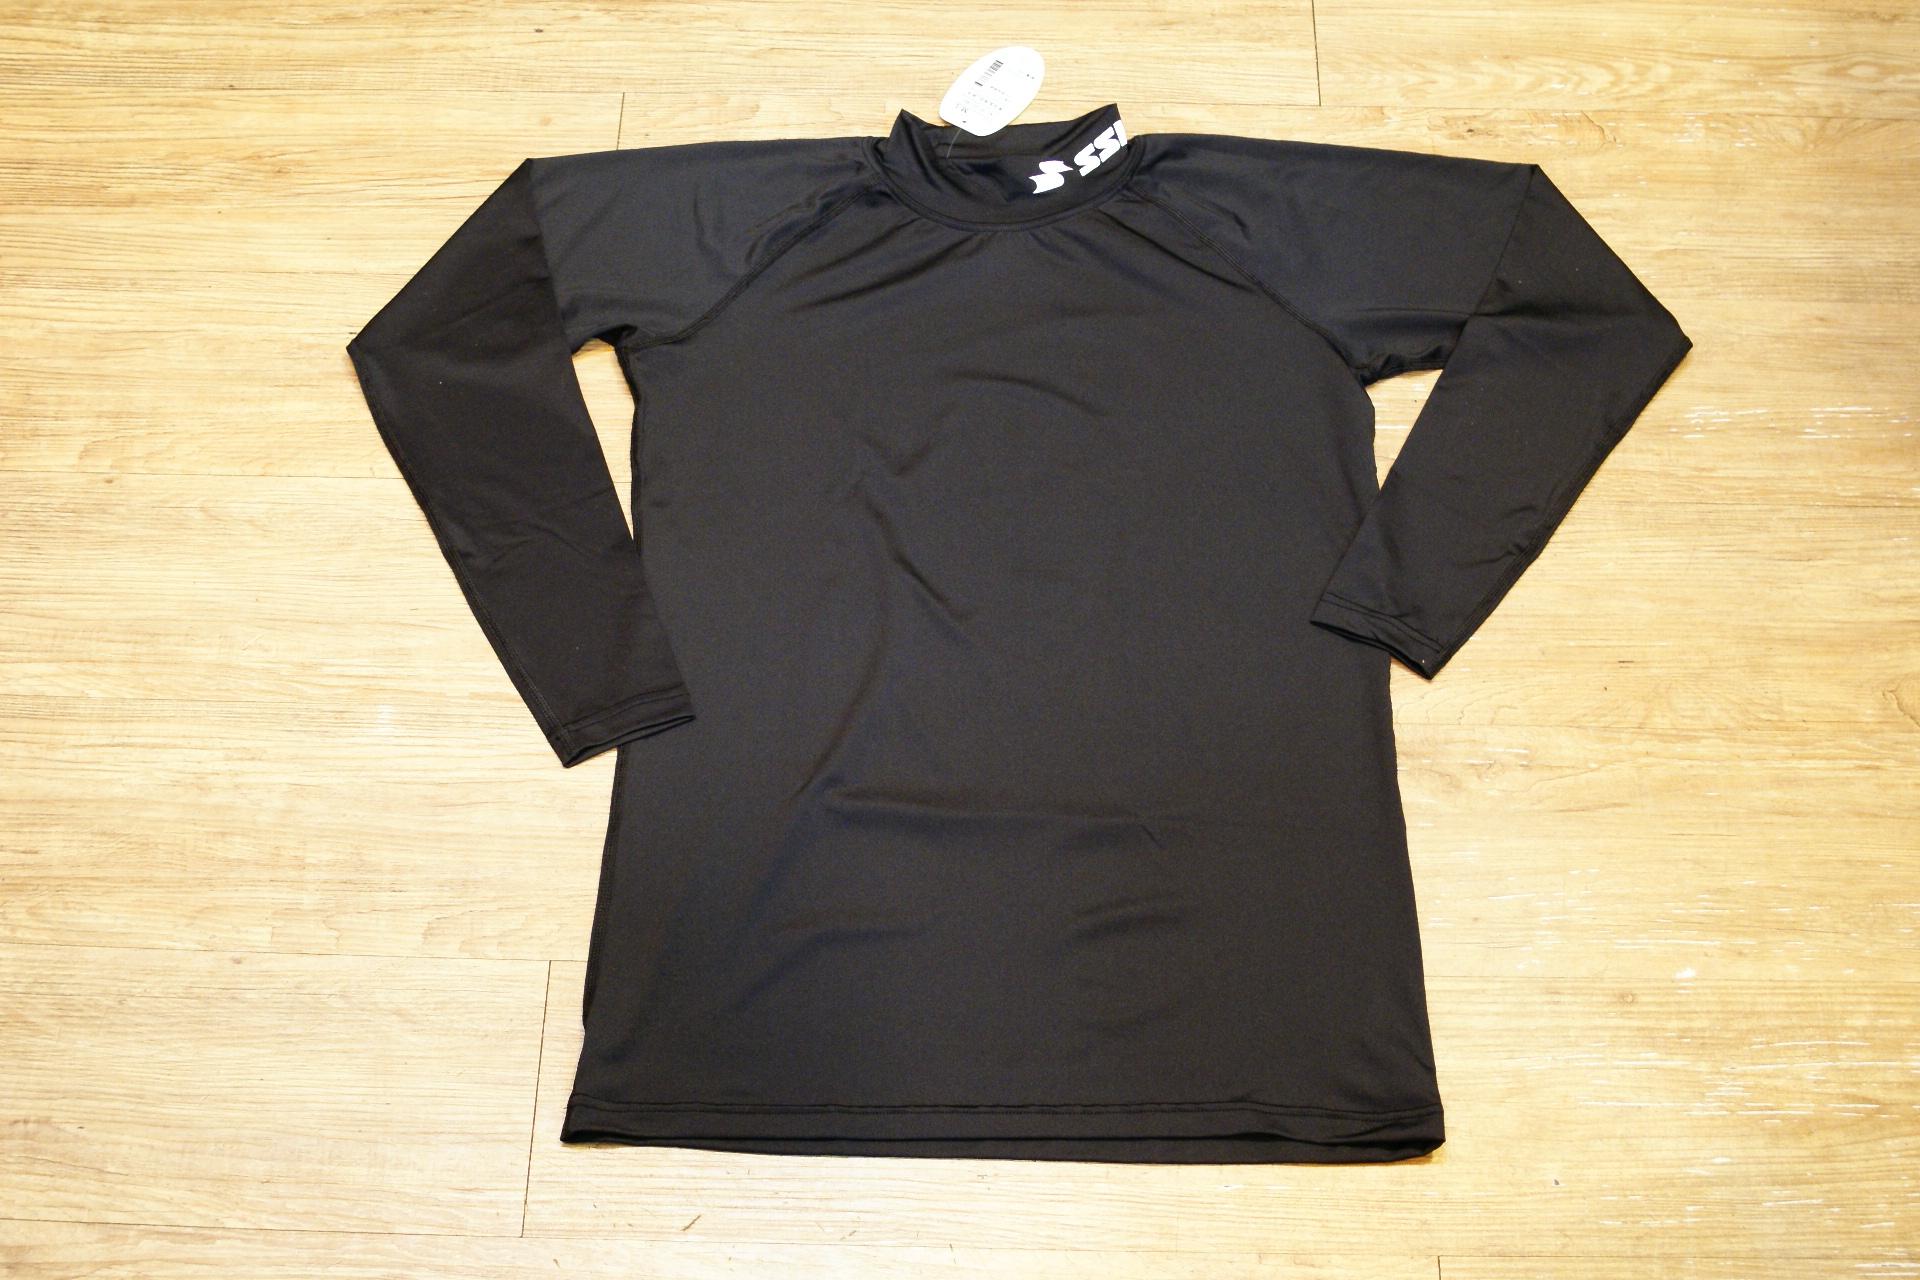 棒球世界全新SSK長袖緊身衣 黑色款式 特價